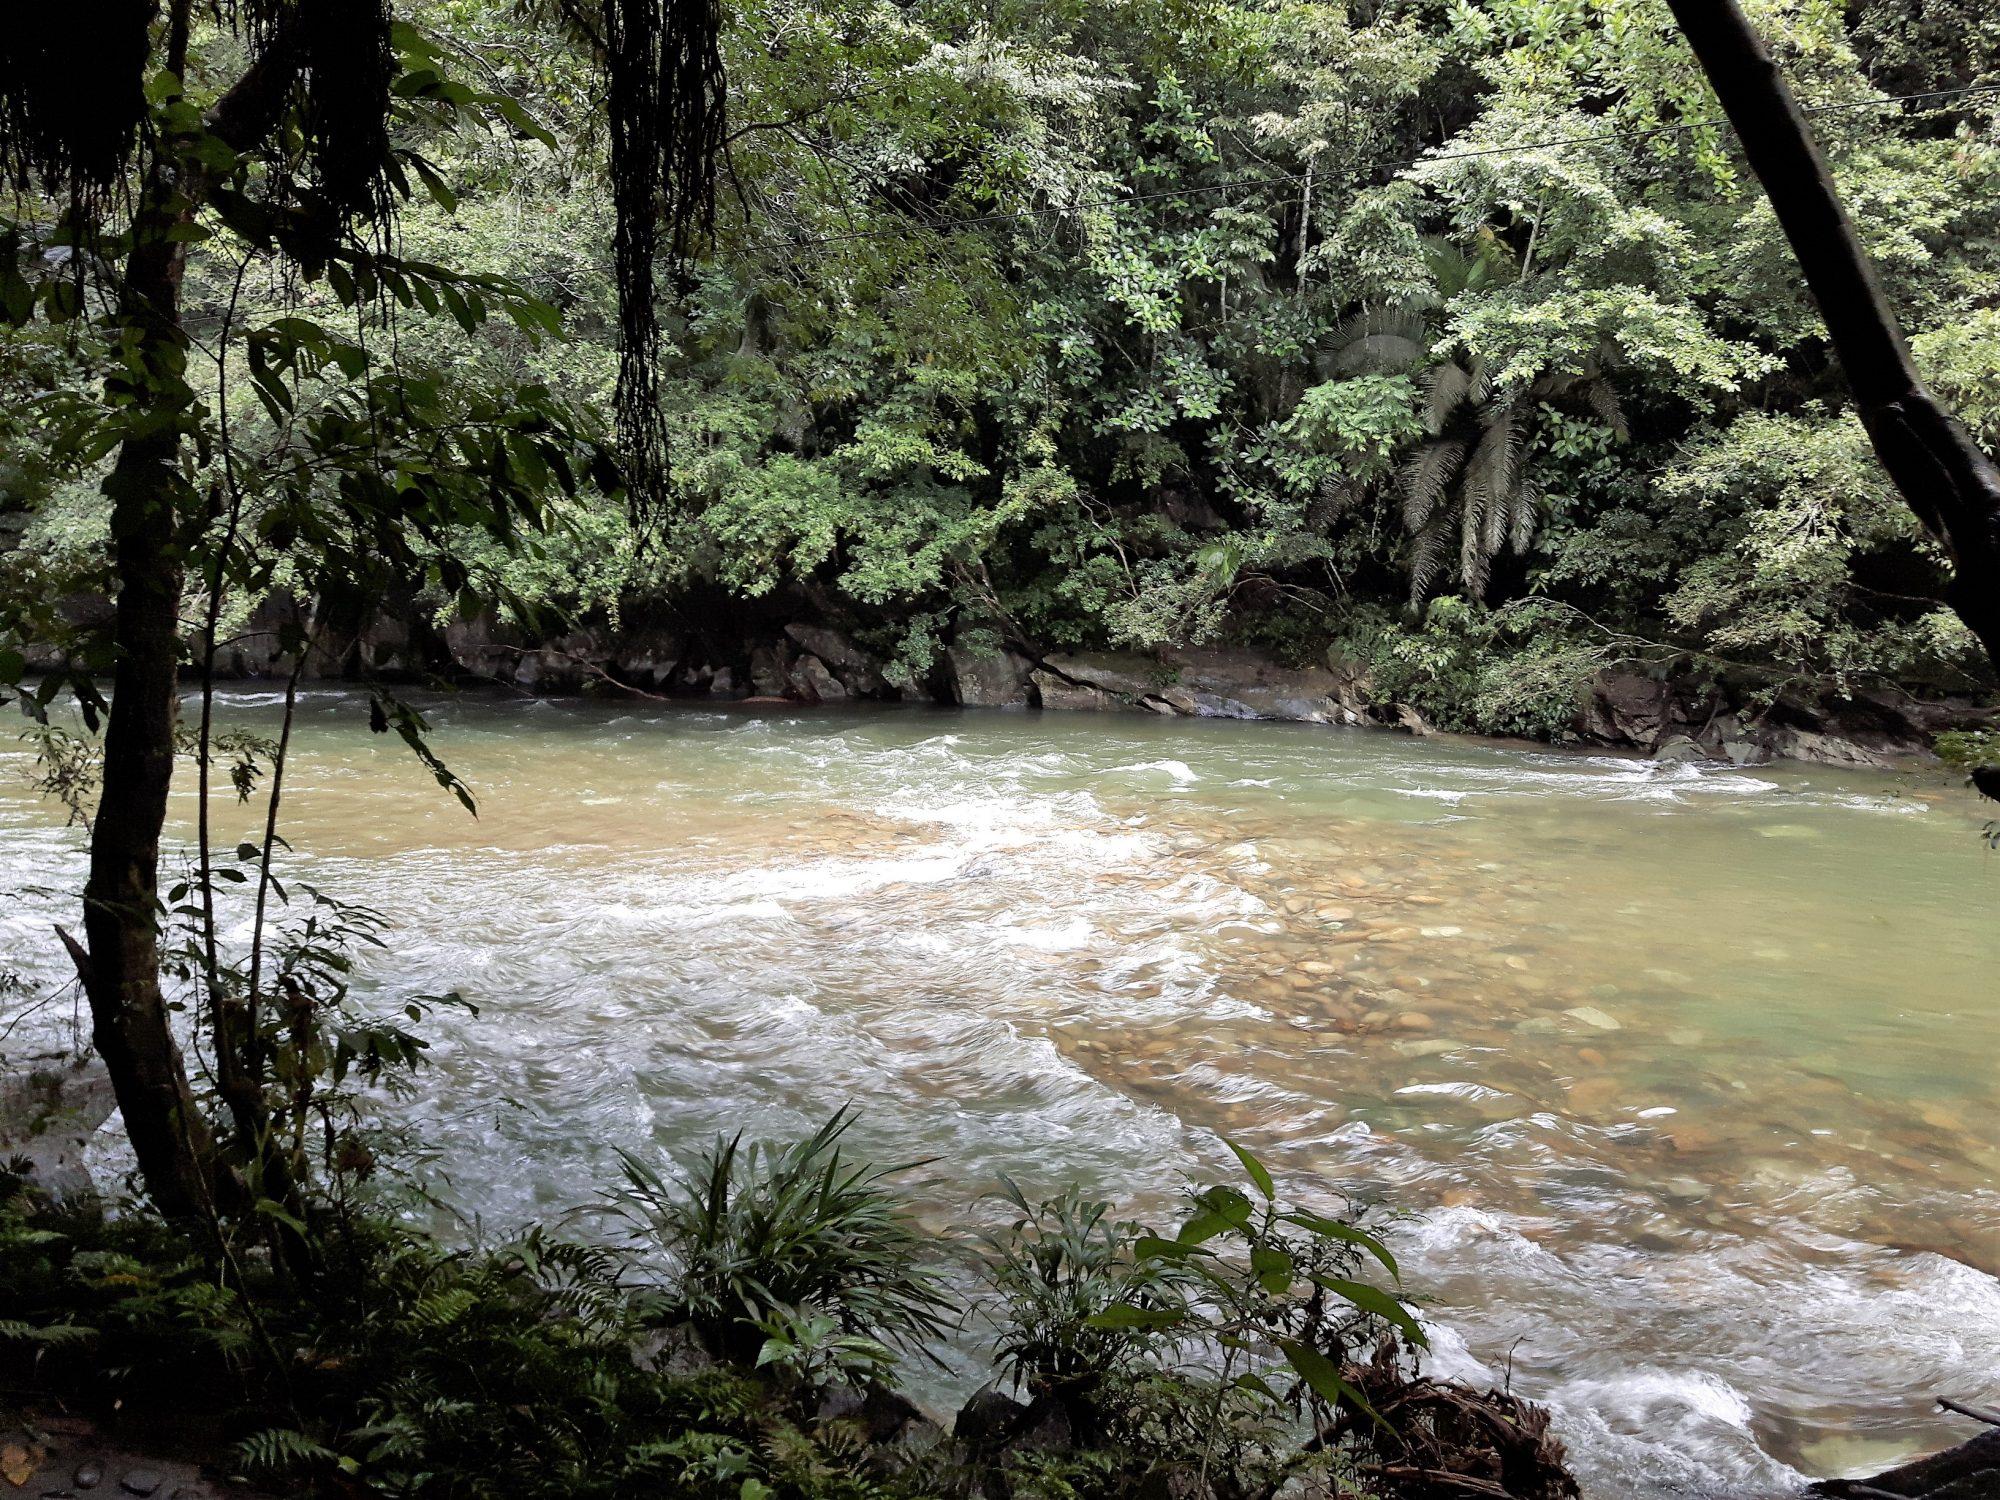 Colombia - Rio Claro